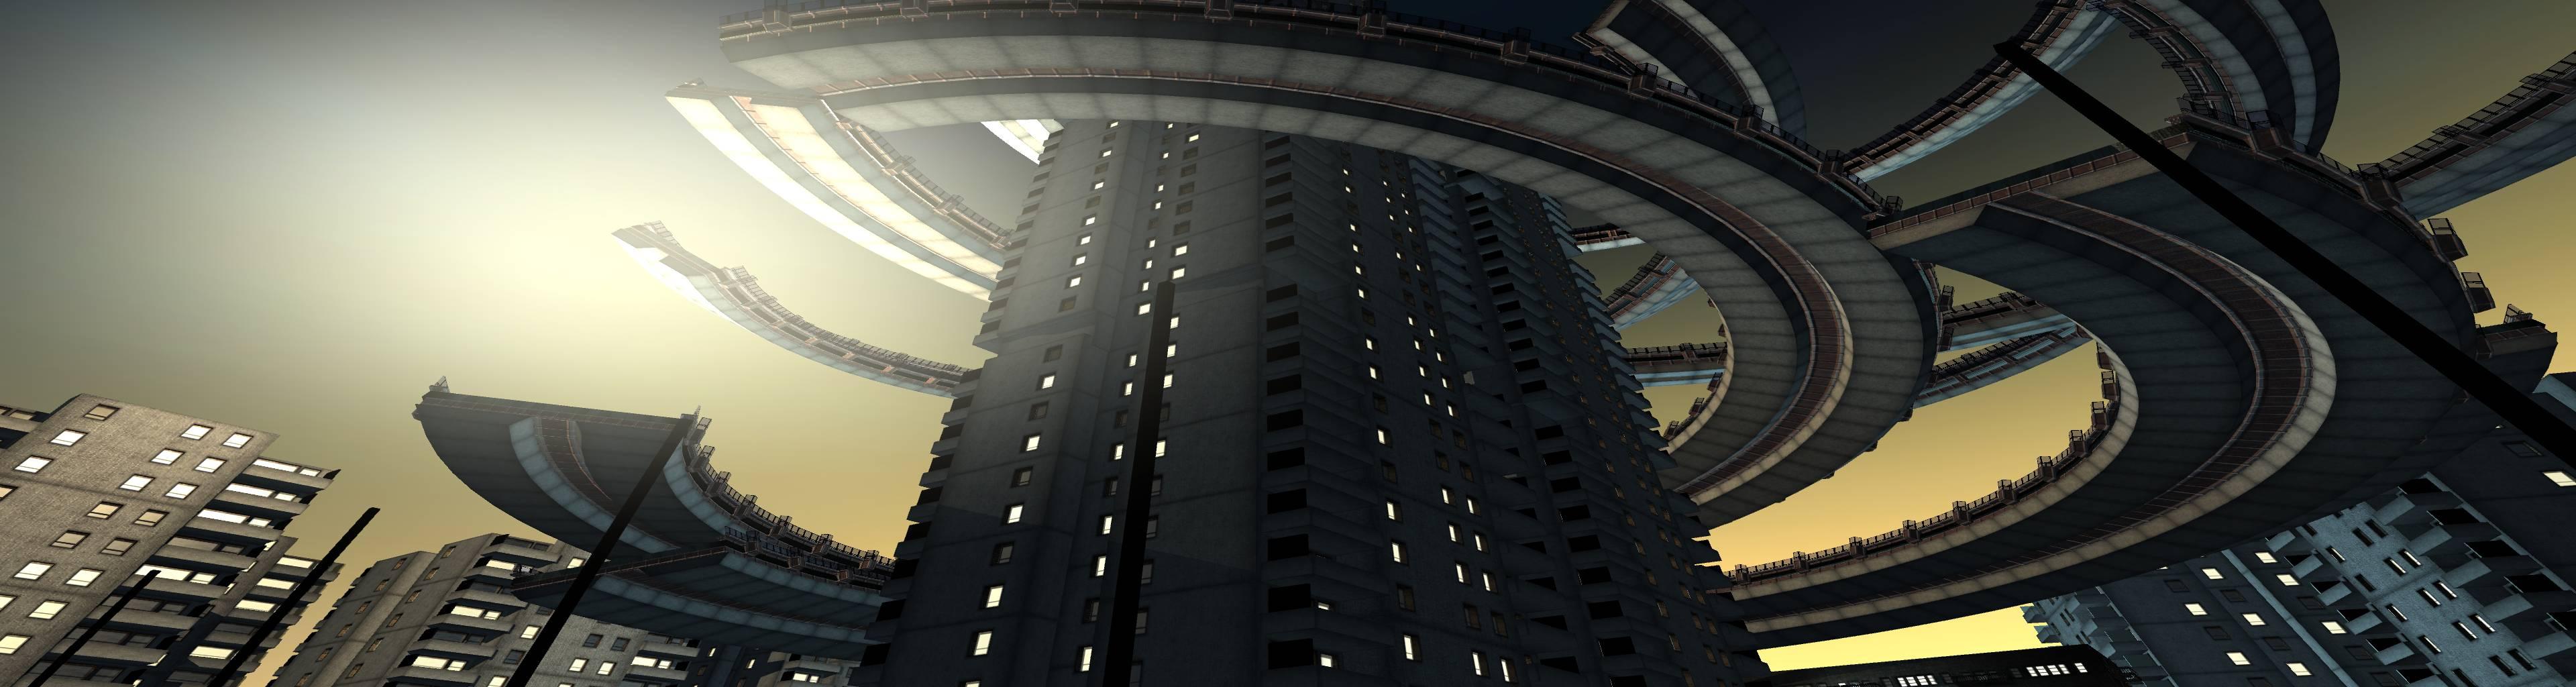 Klicken Sie auf die Grafik für eine größere Ansicht  Name:fr-041_debris 2011-06-20 20-59-35-71.jpg Hits:743 Größe:313,0 KB ID:430938